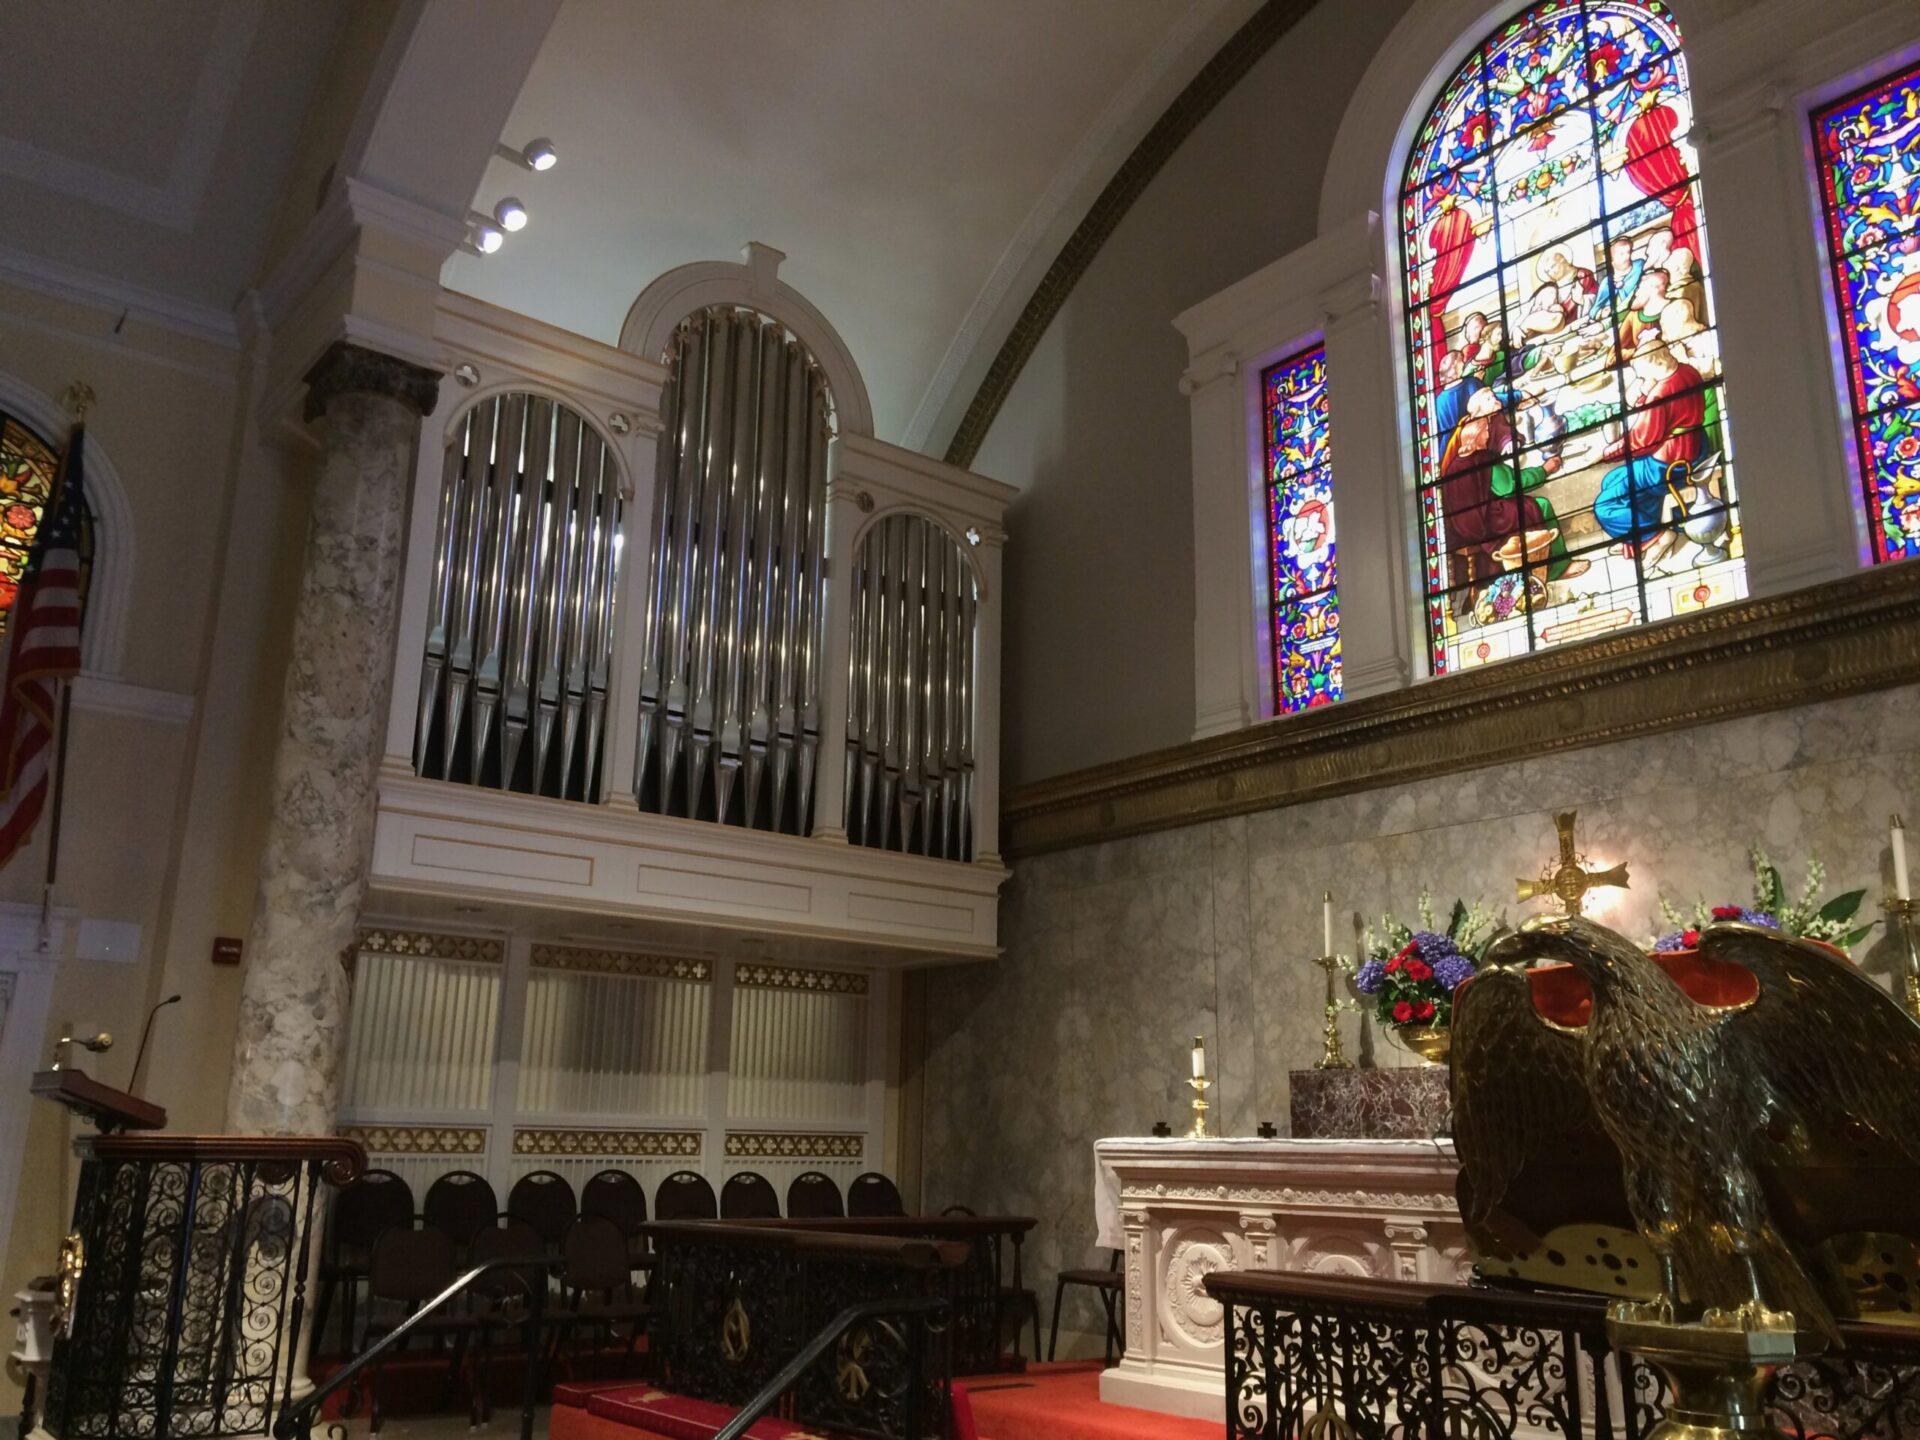 セント・ジョン教会のパイプオルガン